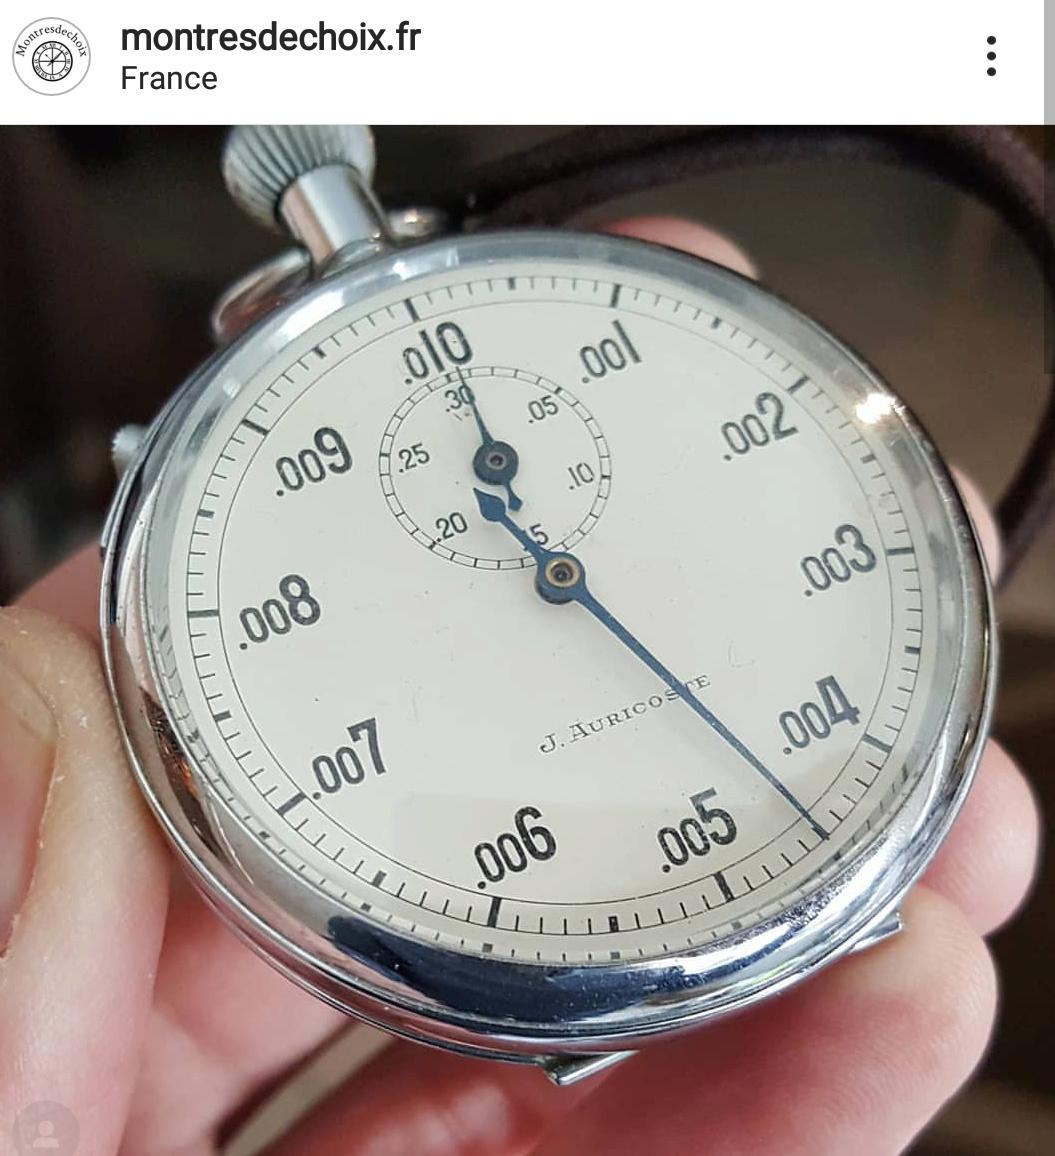 [Postez ICI les demandes d'IDENTIFICATION et RENSEIGNEMENTS de vos montres] - Page 12 20190520